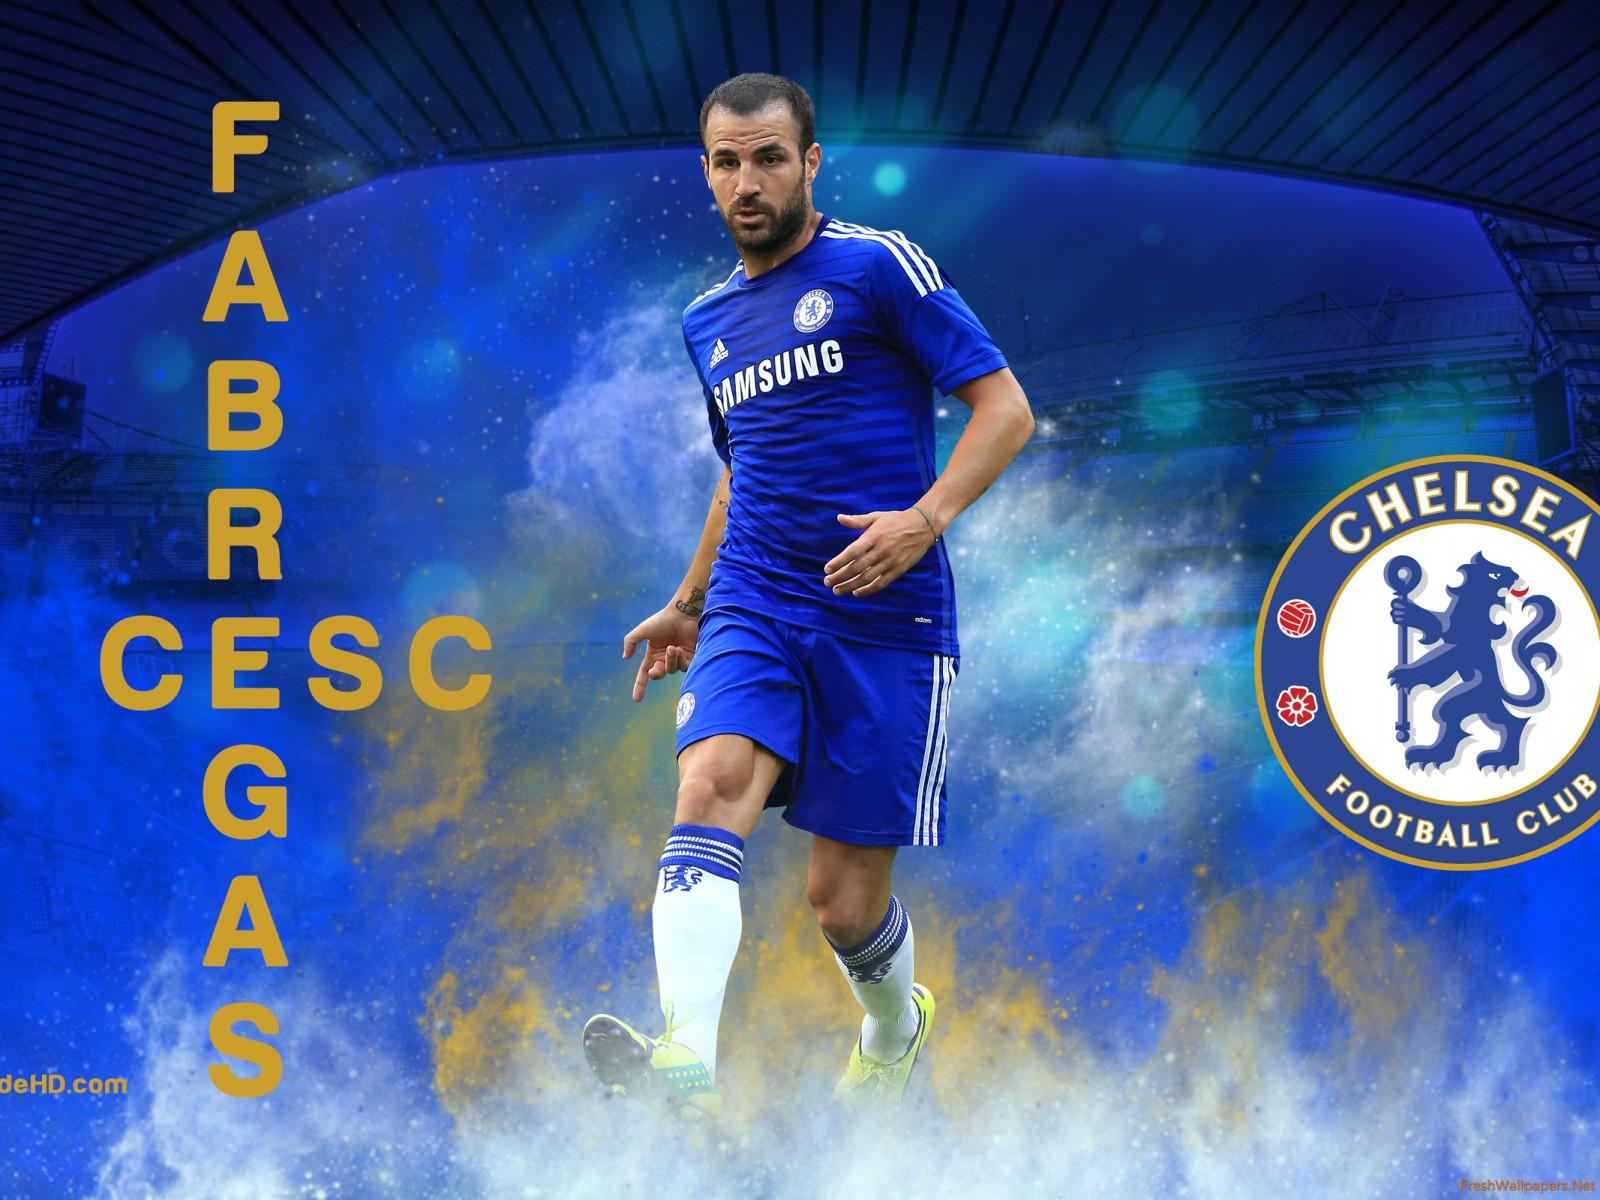 HD Chelsea FC Wallpaper Download Cesc Fabregas Wallpaper 1600x1200